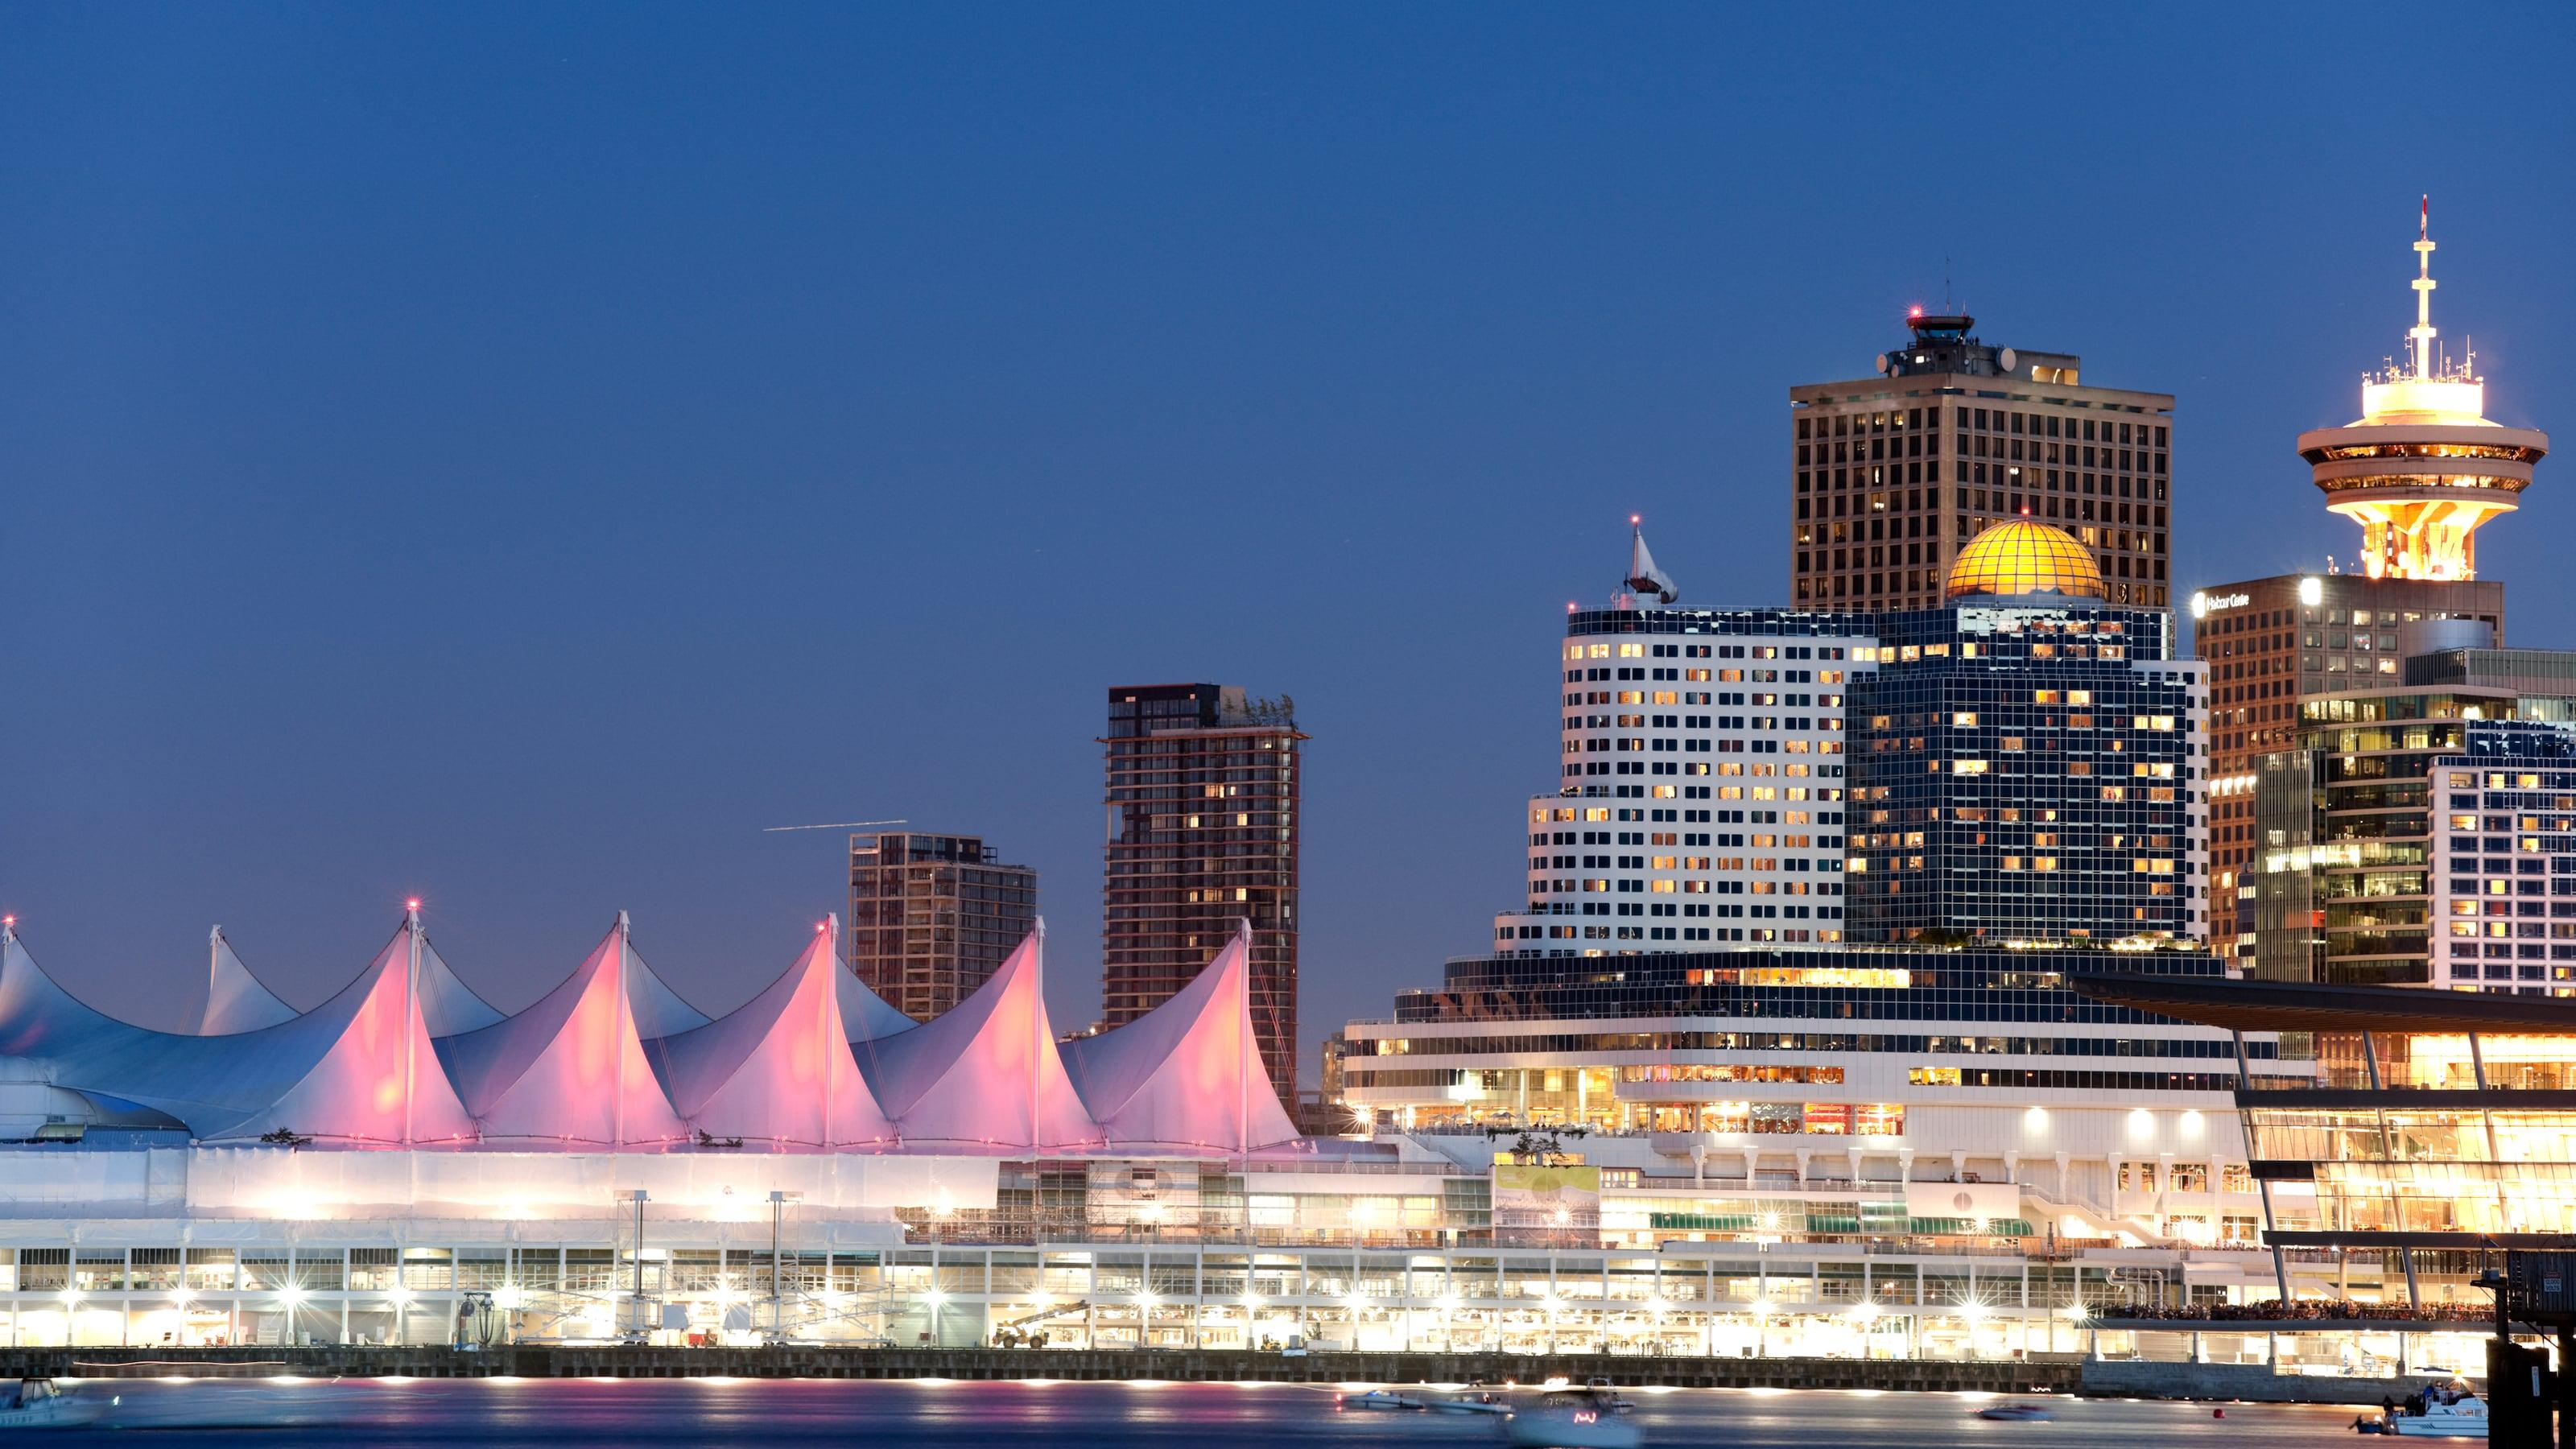 Uma sequência de telhados em forma de tenda à beira do porto de Vancouver, próximo a arranha-céus à noite.